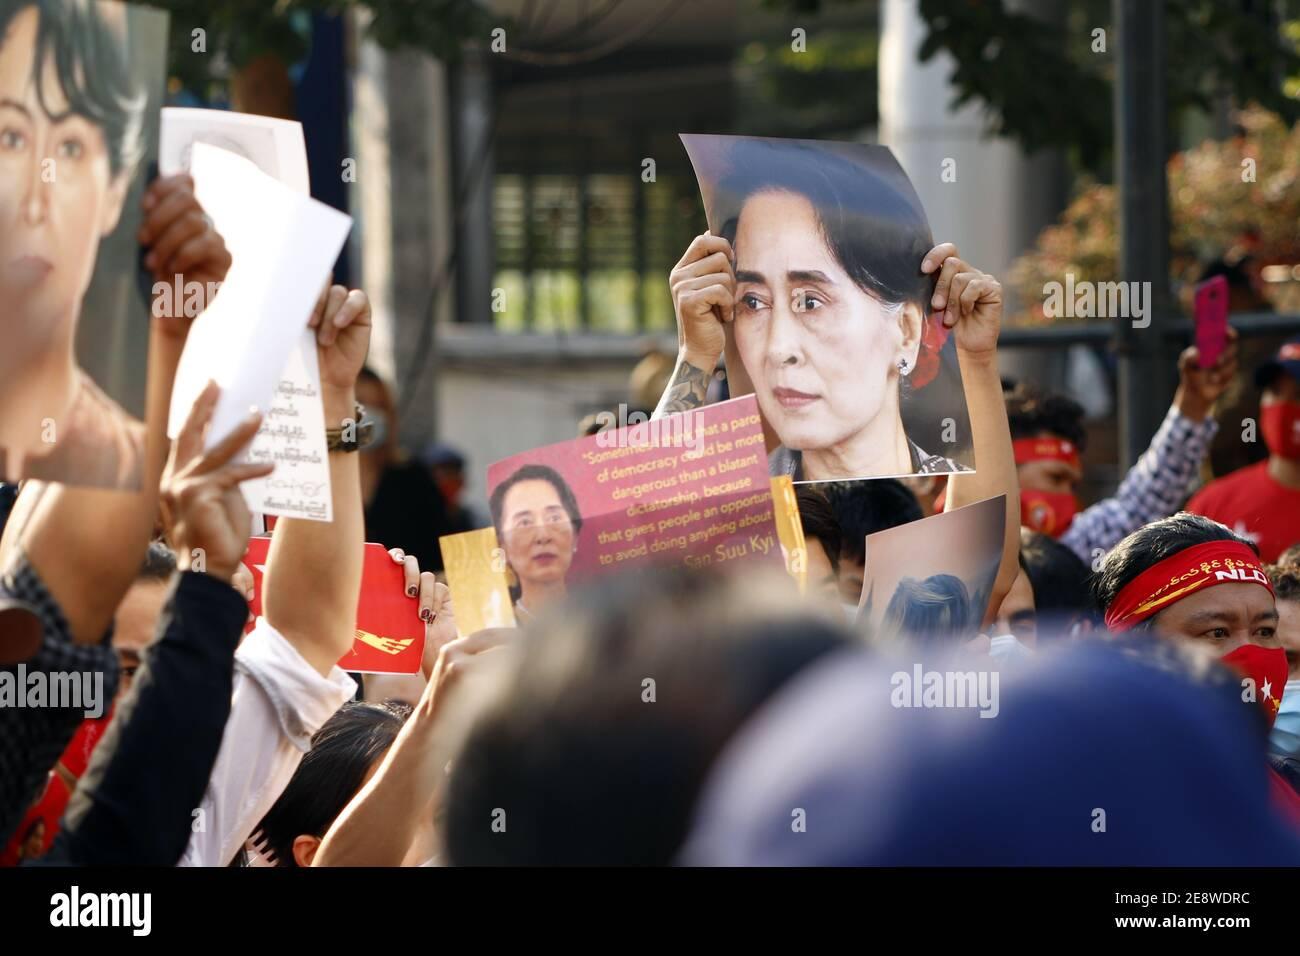 Bangkok, Thaïlande. 1er février 2021. Les gens se rassemblent à l'extérieur de l'ambassade du Myanmar après que l'armée birmane ait pris le pouvoir par un coup d'État. Le 1er février, l'armée birmane a déclaré l'état d'urgence et a pris le contrôle du pays par un coup d'État, en emprisonnant Aung San Suu Kyi, le chef du parti au pouvoir de la Ligue nationale pour la démocratie (NLD), et d'autres dirigeants du gouvernement à la suite de prétendues trucages aux élections législatives de novembre 2020. Credit: Grigory Zimenkov/TASS/Alay Live News Banque D'Images